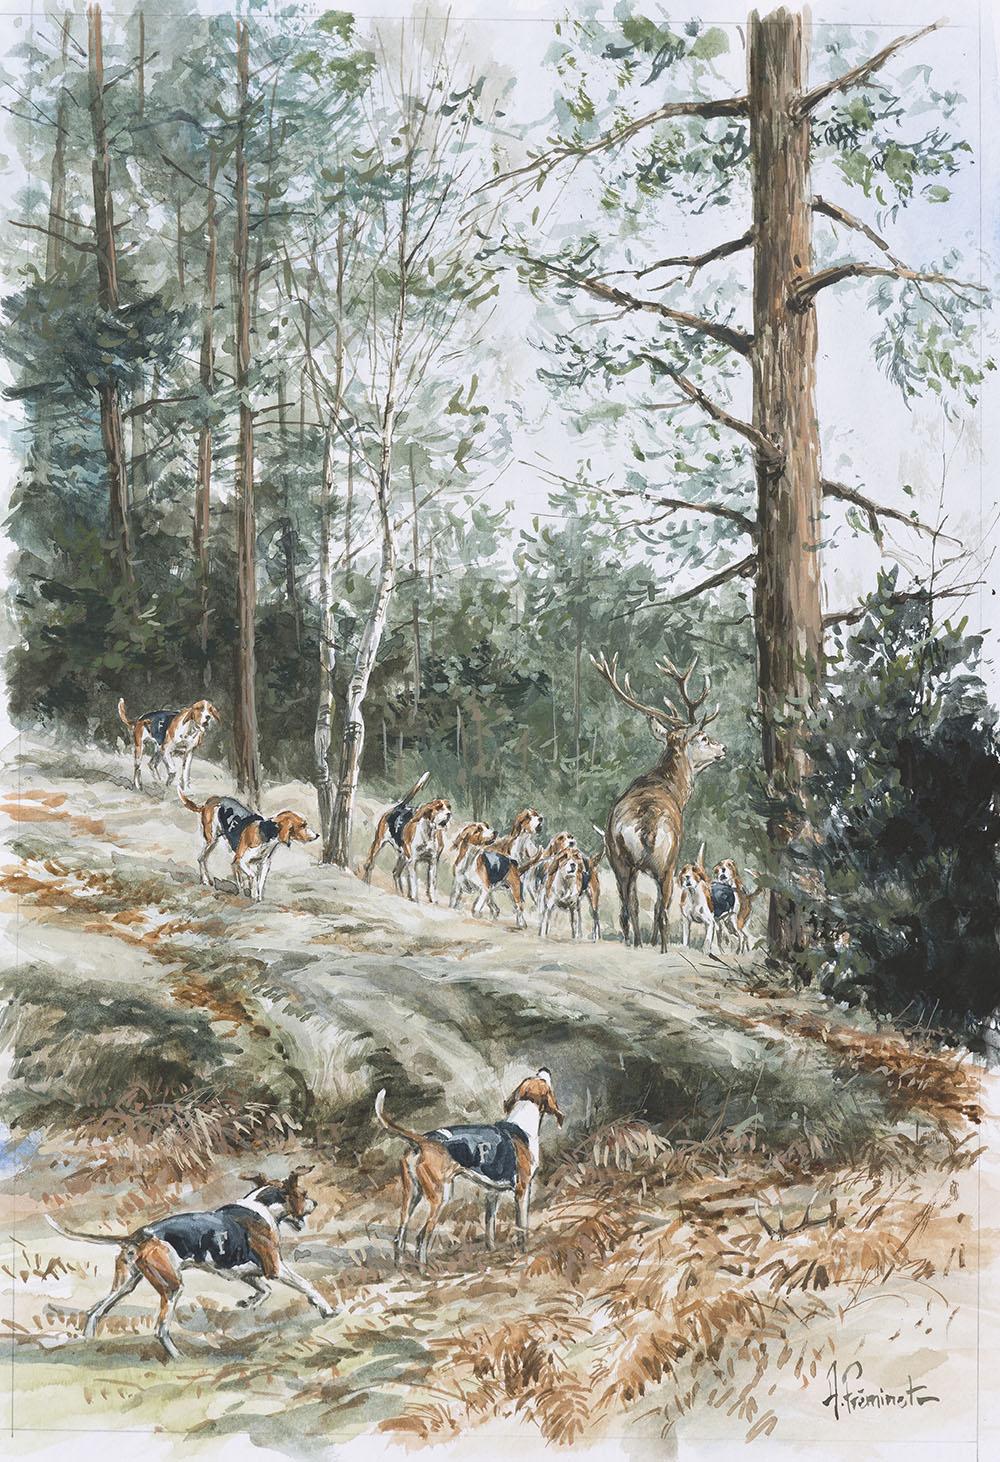 R. Fontainebleau - Aquarelle - 30x20 - A4653 - 460€